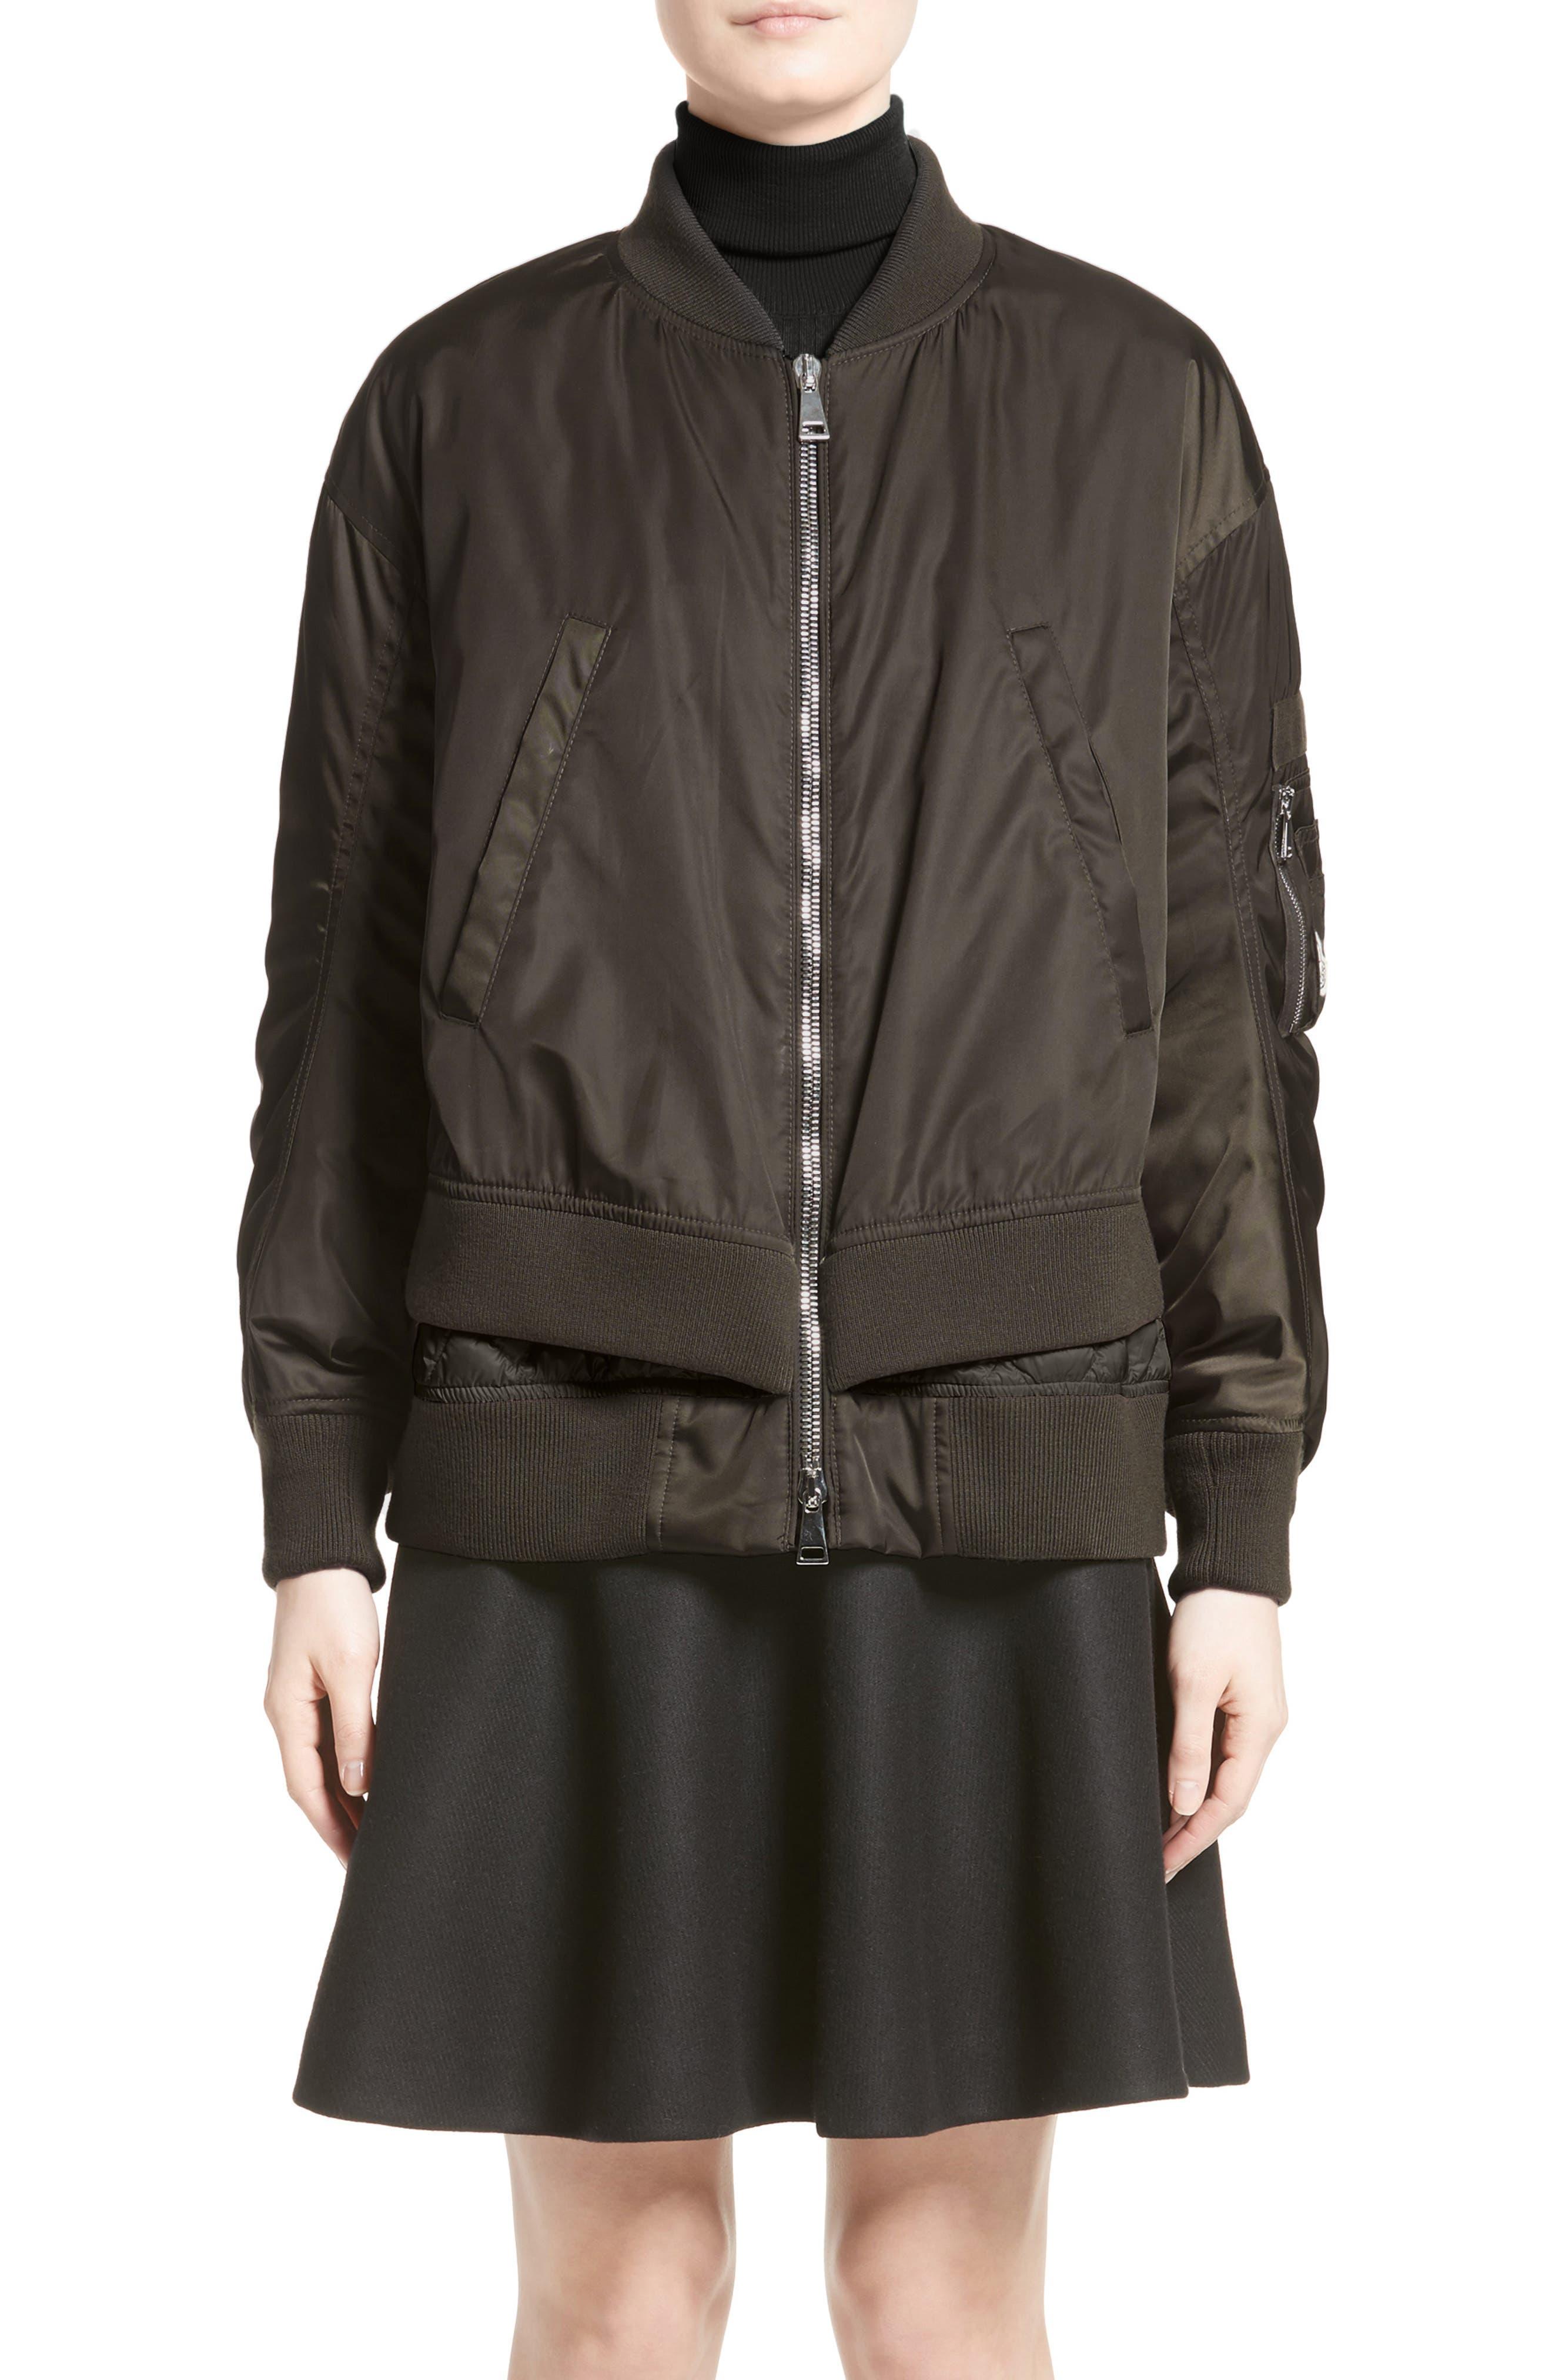 Aralia Layered Bomber Jacket,                         Main,                         color, Olive/ Blush Lining